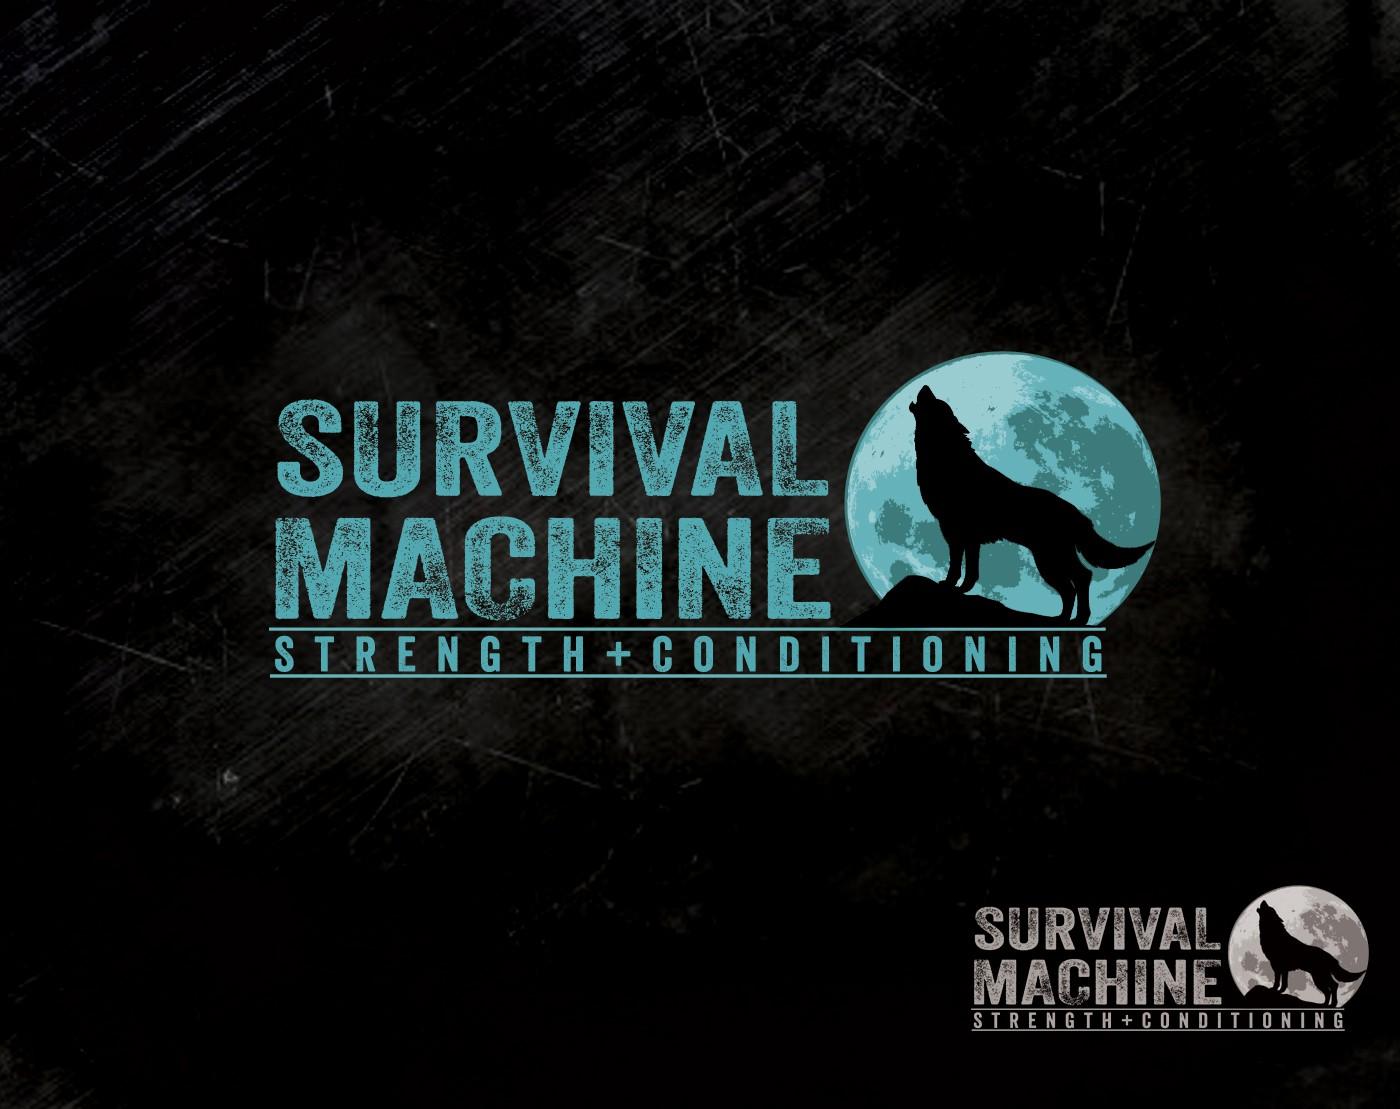 Survival Machine wants YOU!